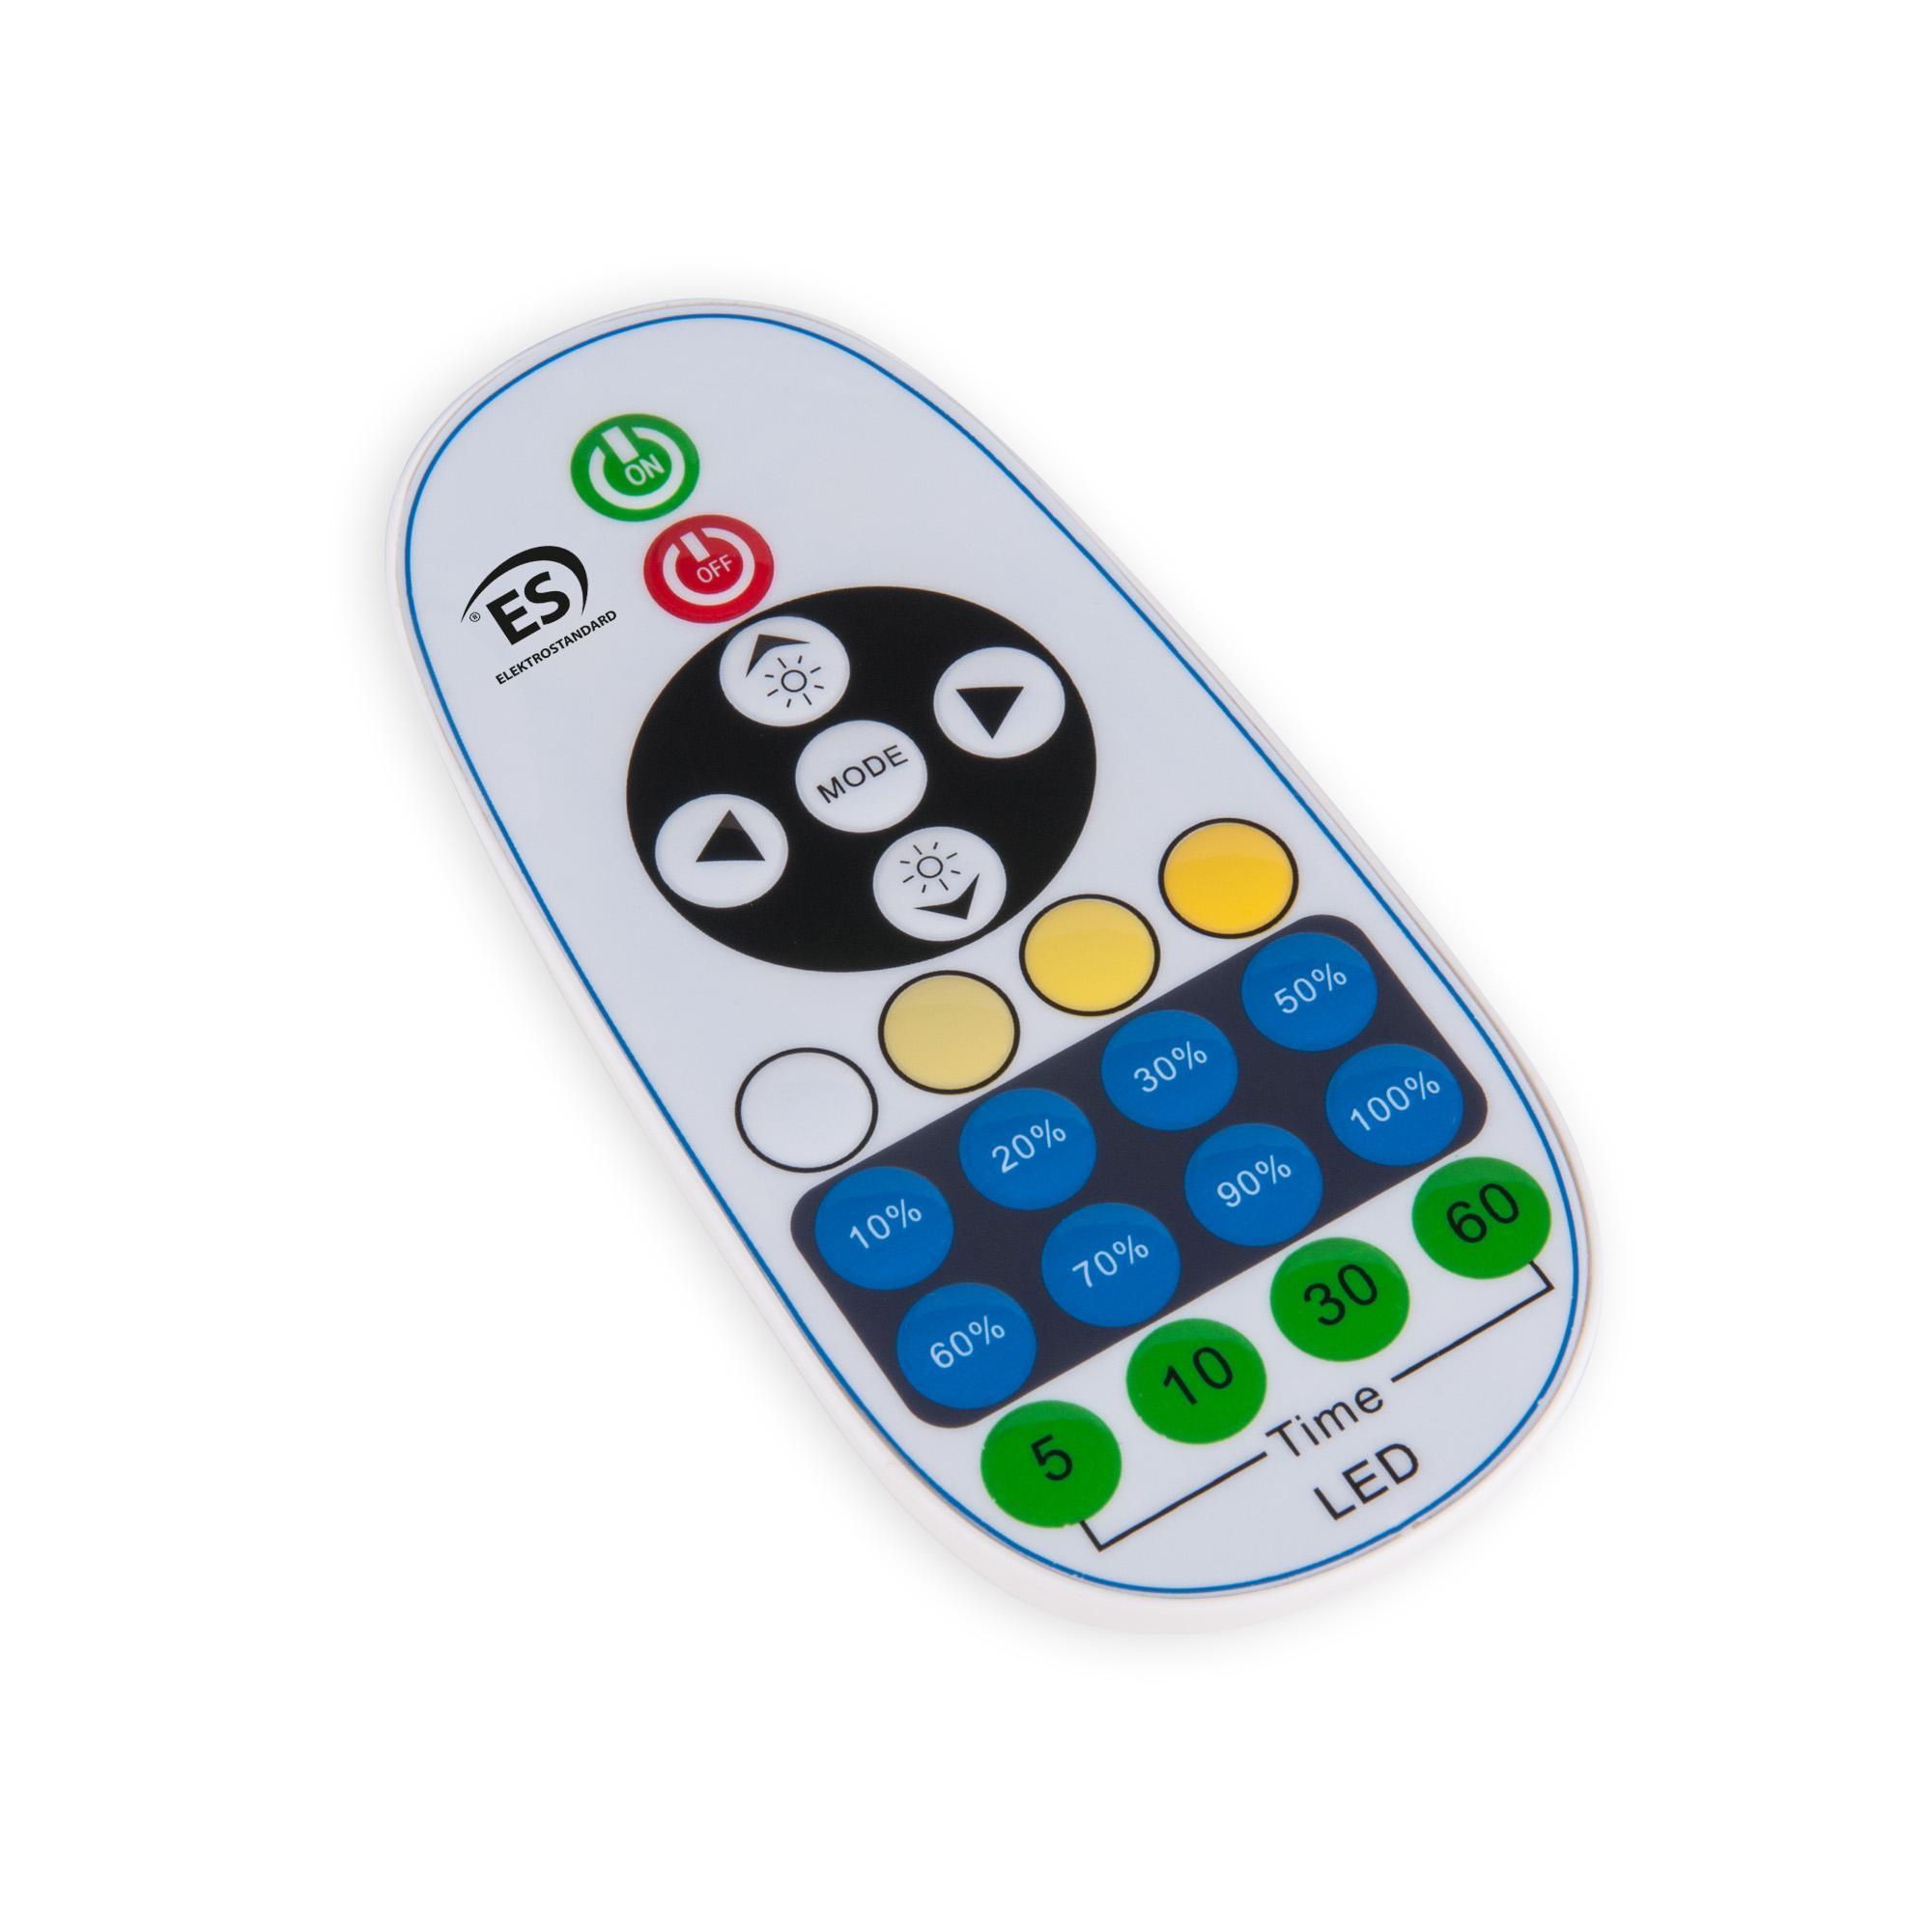 Контроллер для ленты Premium мультибелый 220V 500W IP20 с радио пультом (LSC 007)